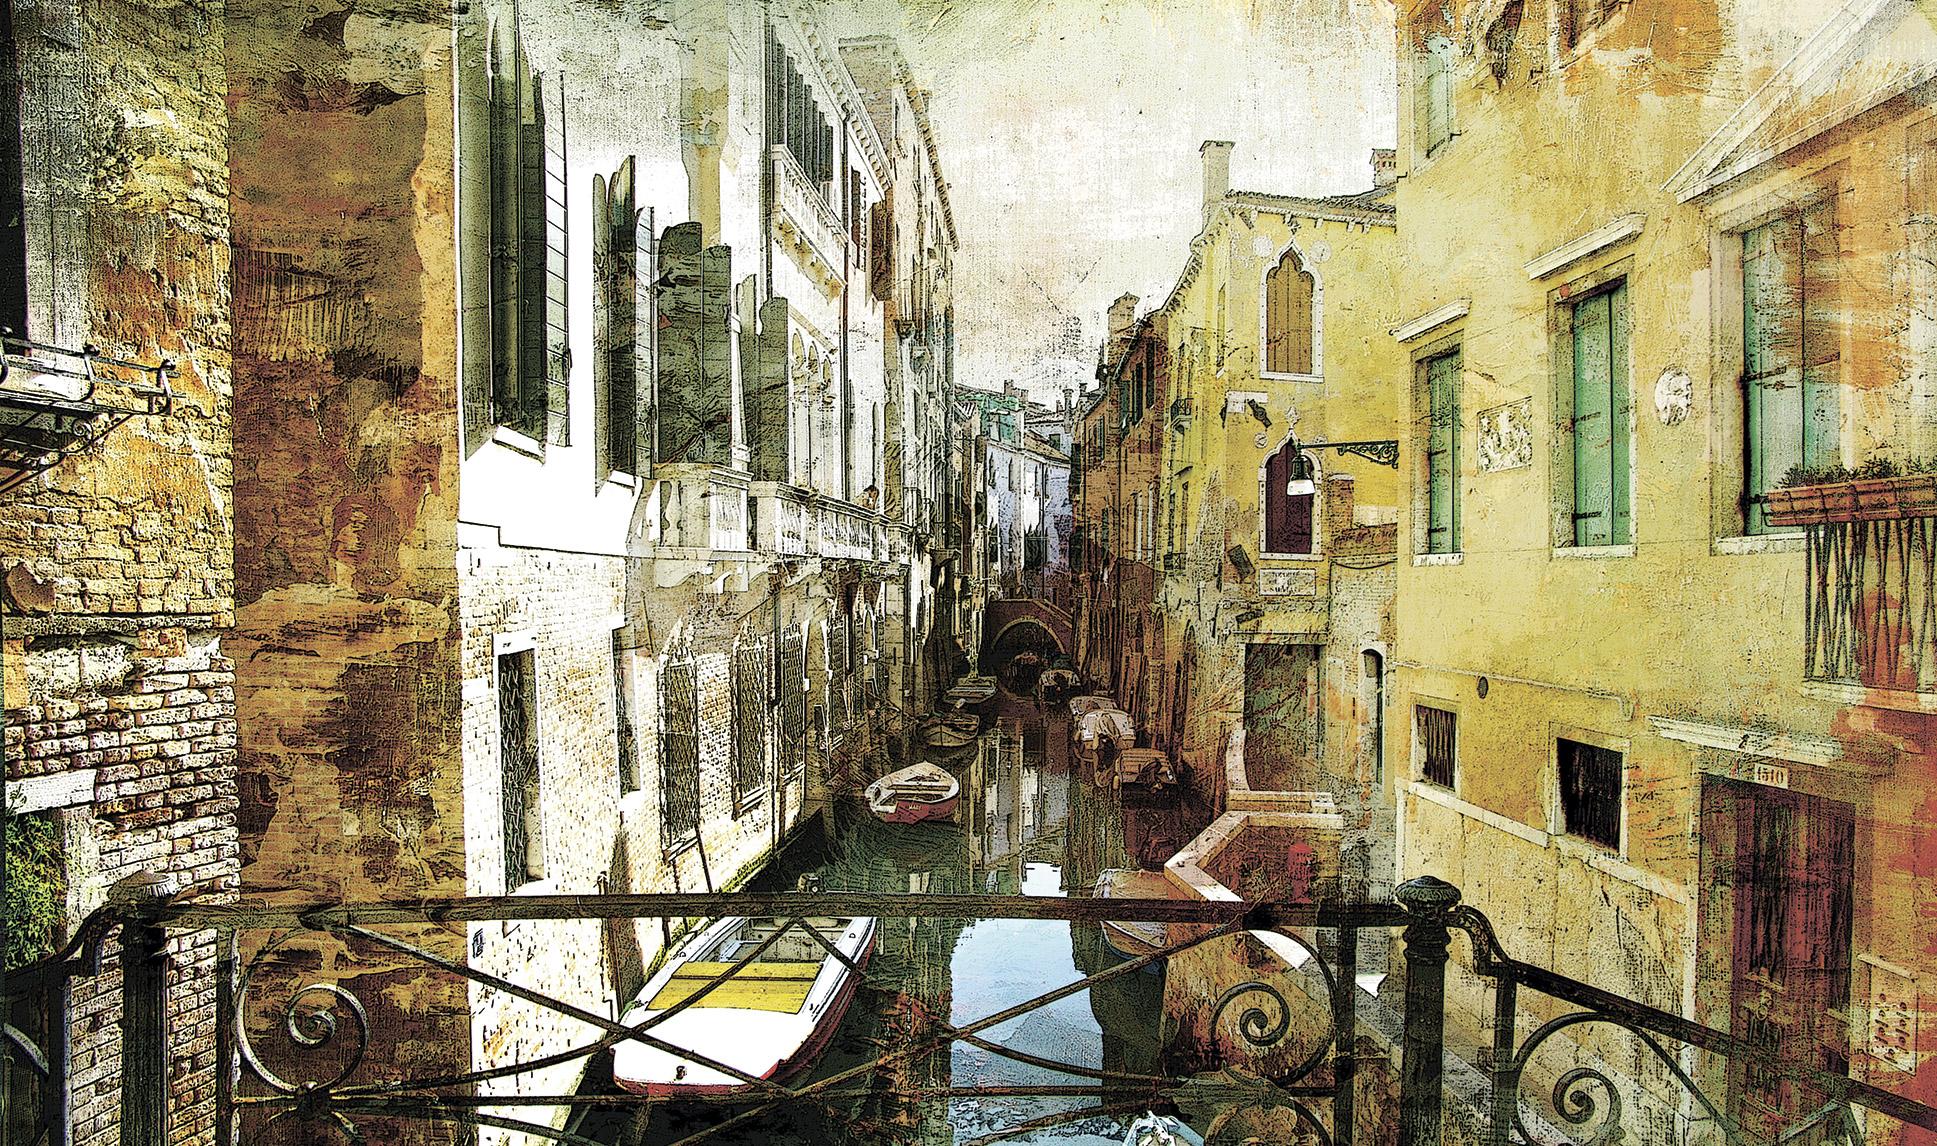 Фото обои на стену со старинными пейзажами 3